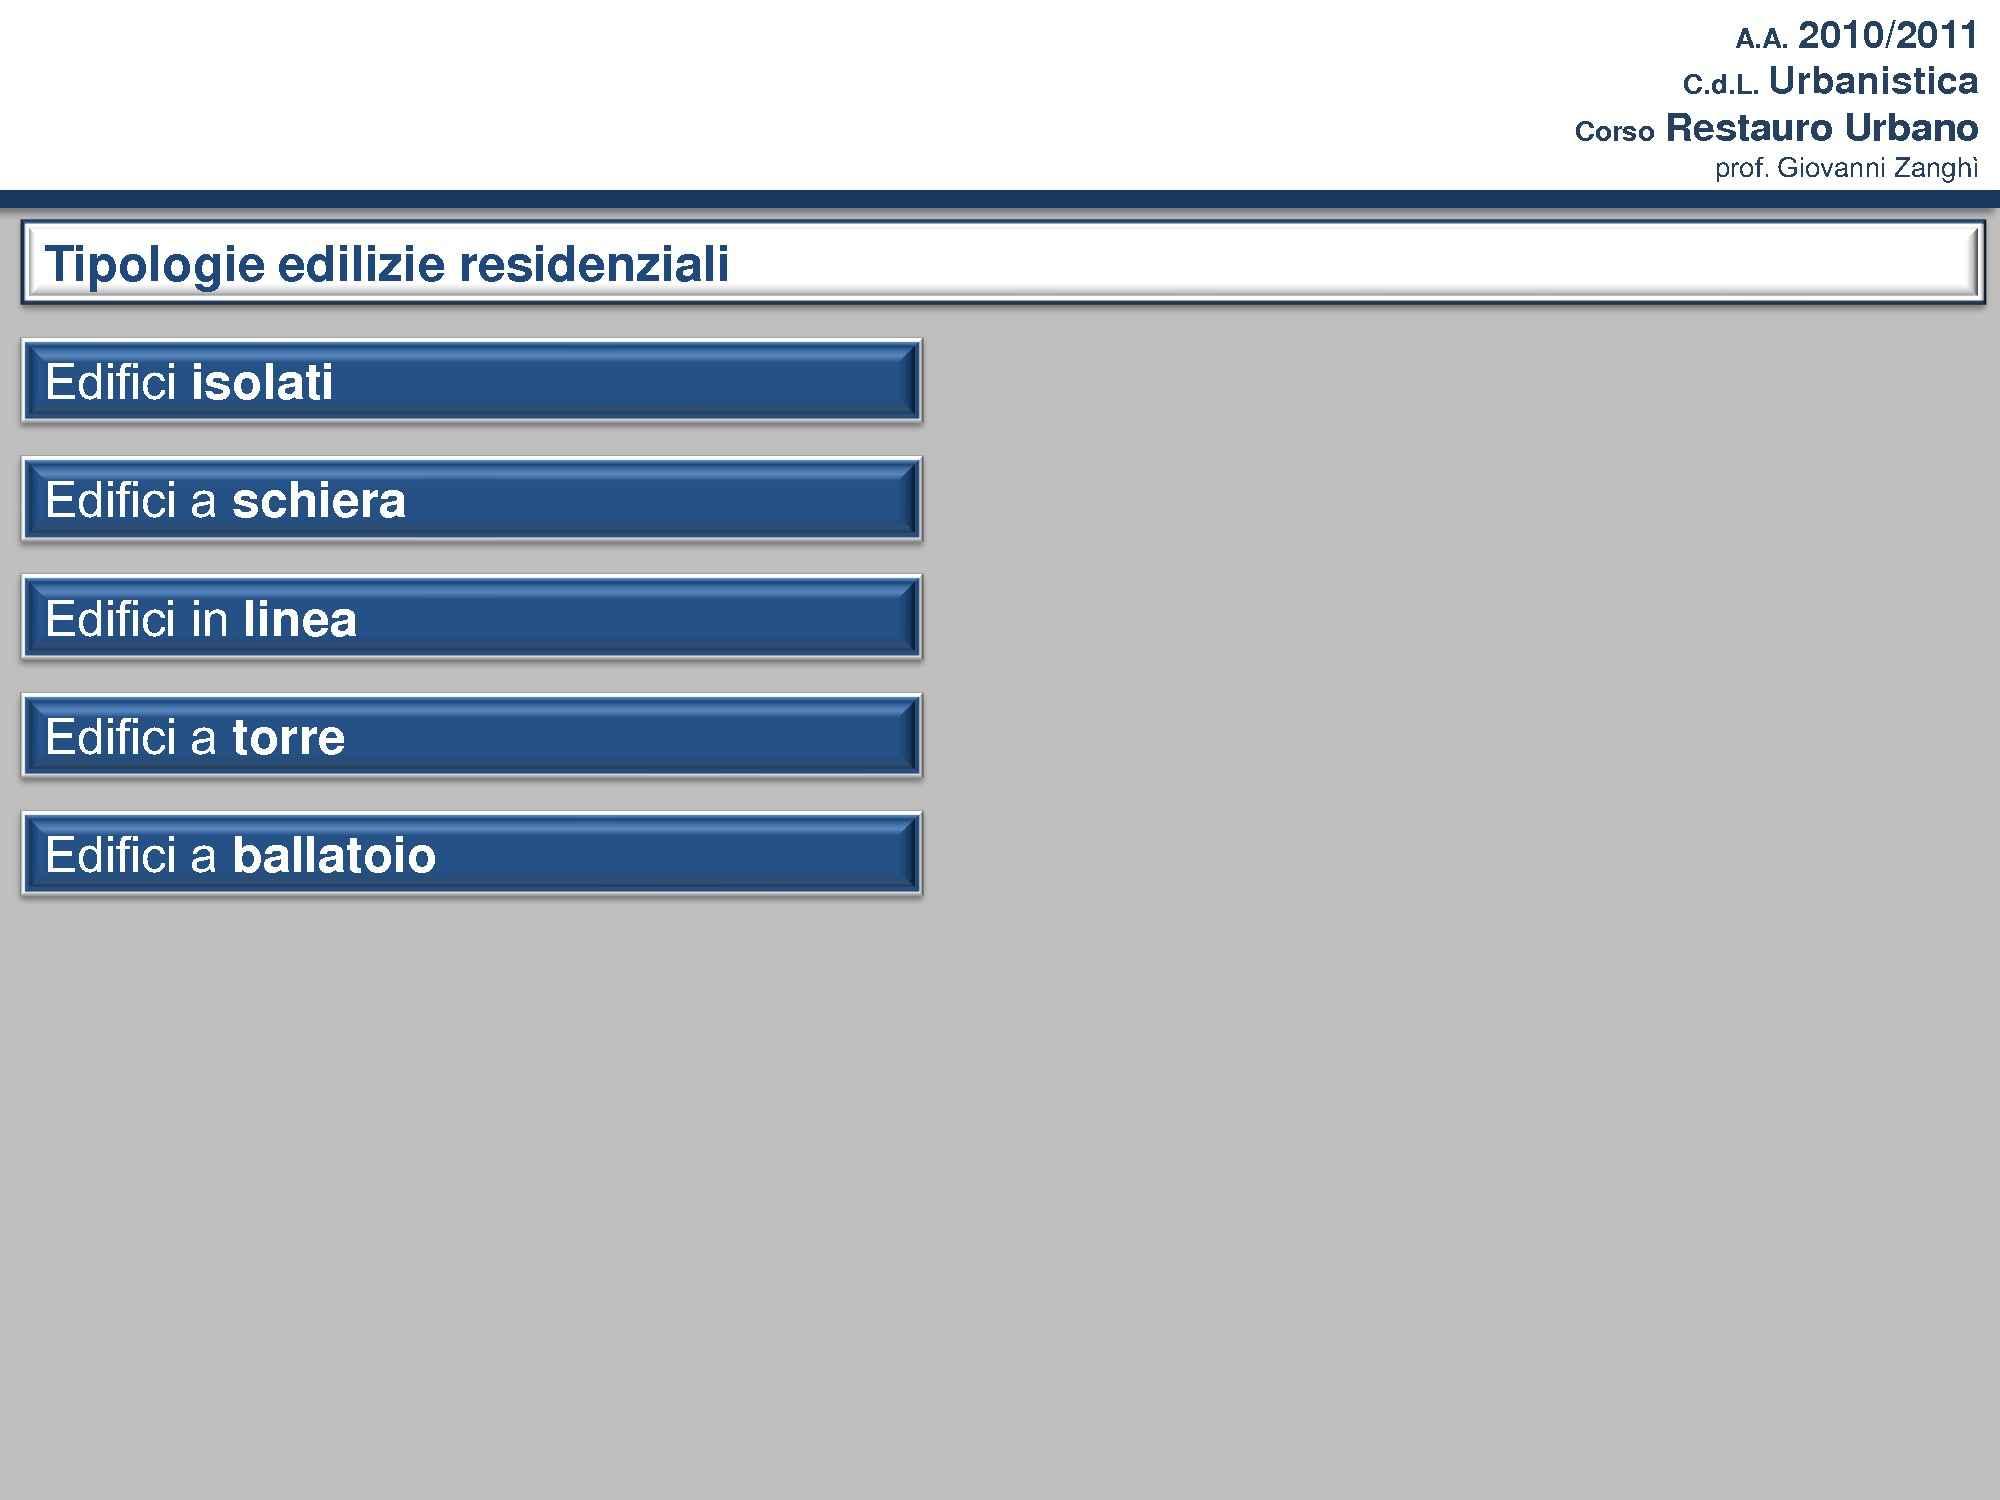 Tipologie edilizie residenziali